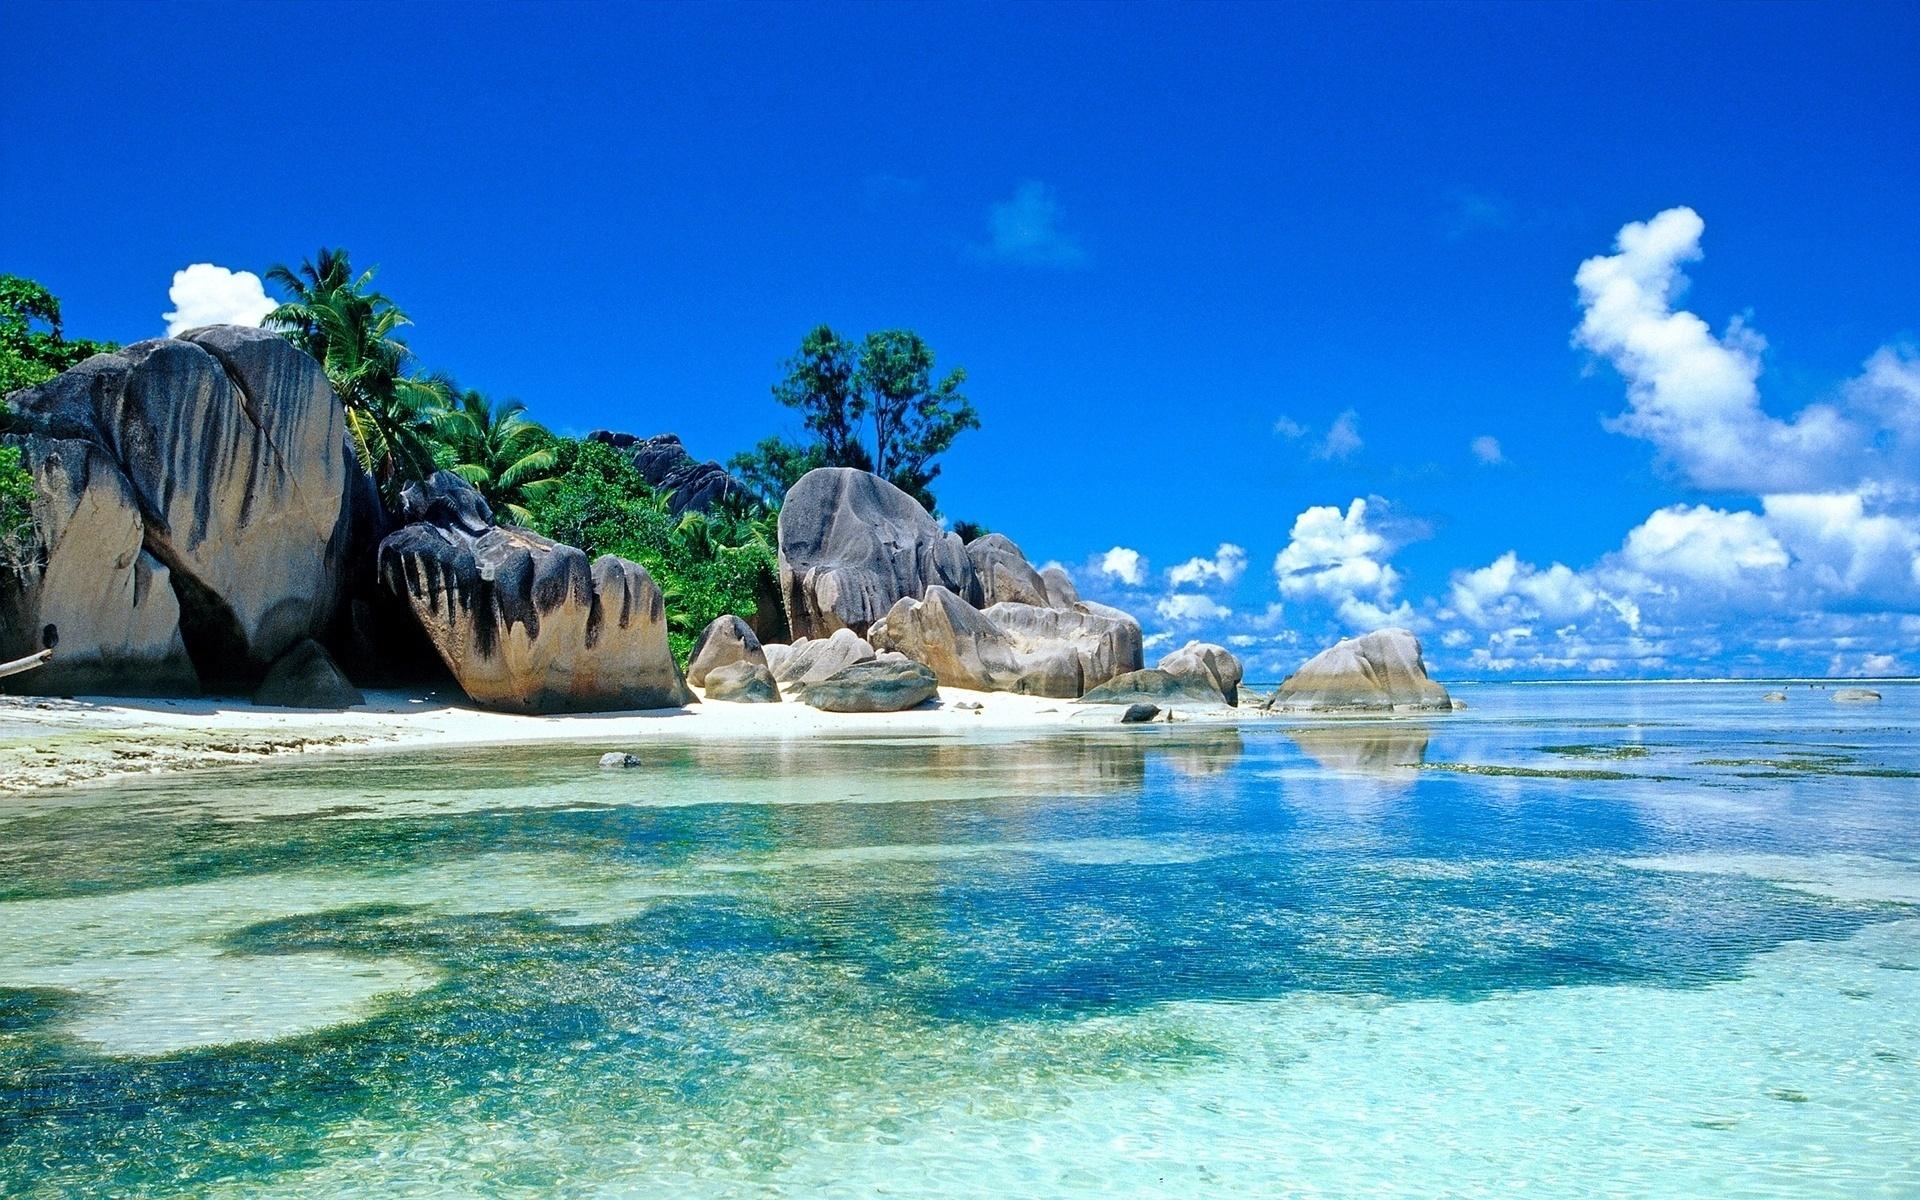 30149 скачать обои Пейзаж, Море, Пляж - заставки и картинки бесплатно